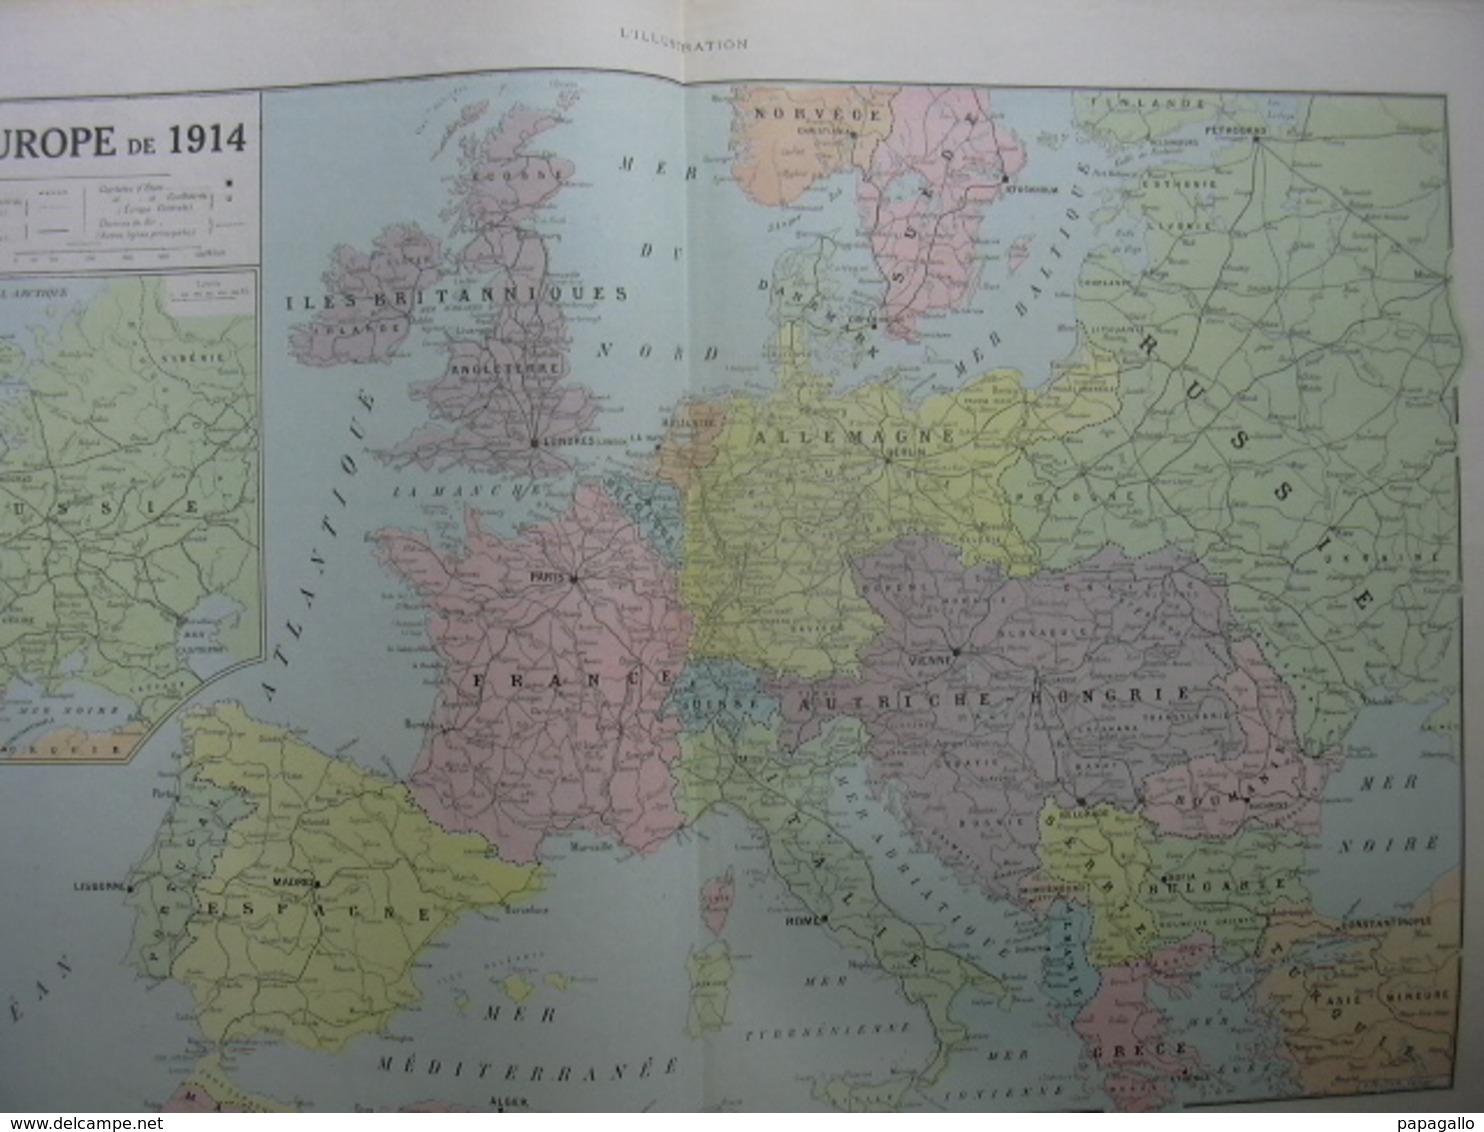 L'ILLUSTRATION 3976 CARTE DE L'EUROPE 1914/ TRAITE/ SALON DES ARTISTES - Journaux - Quotidiens